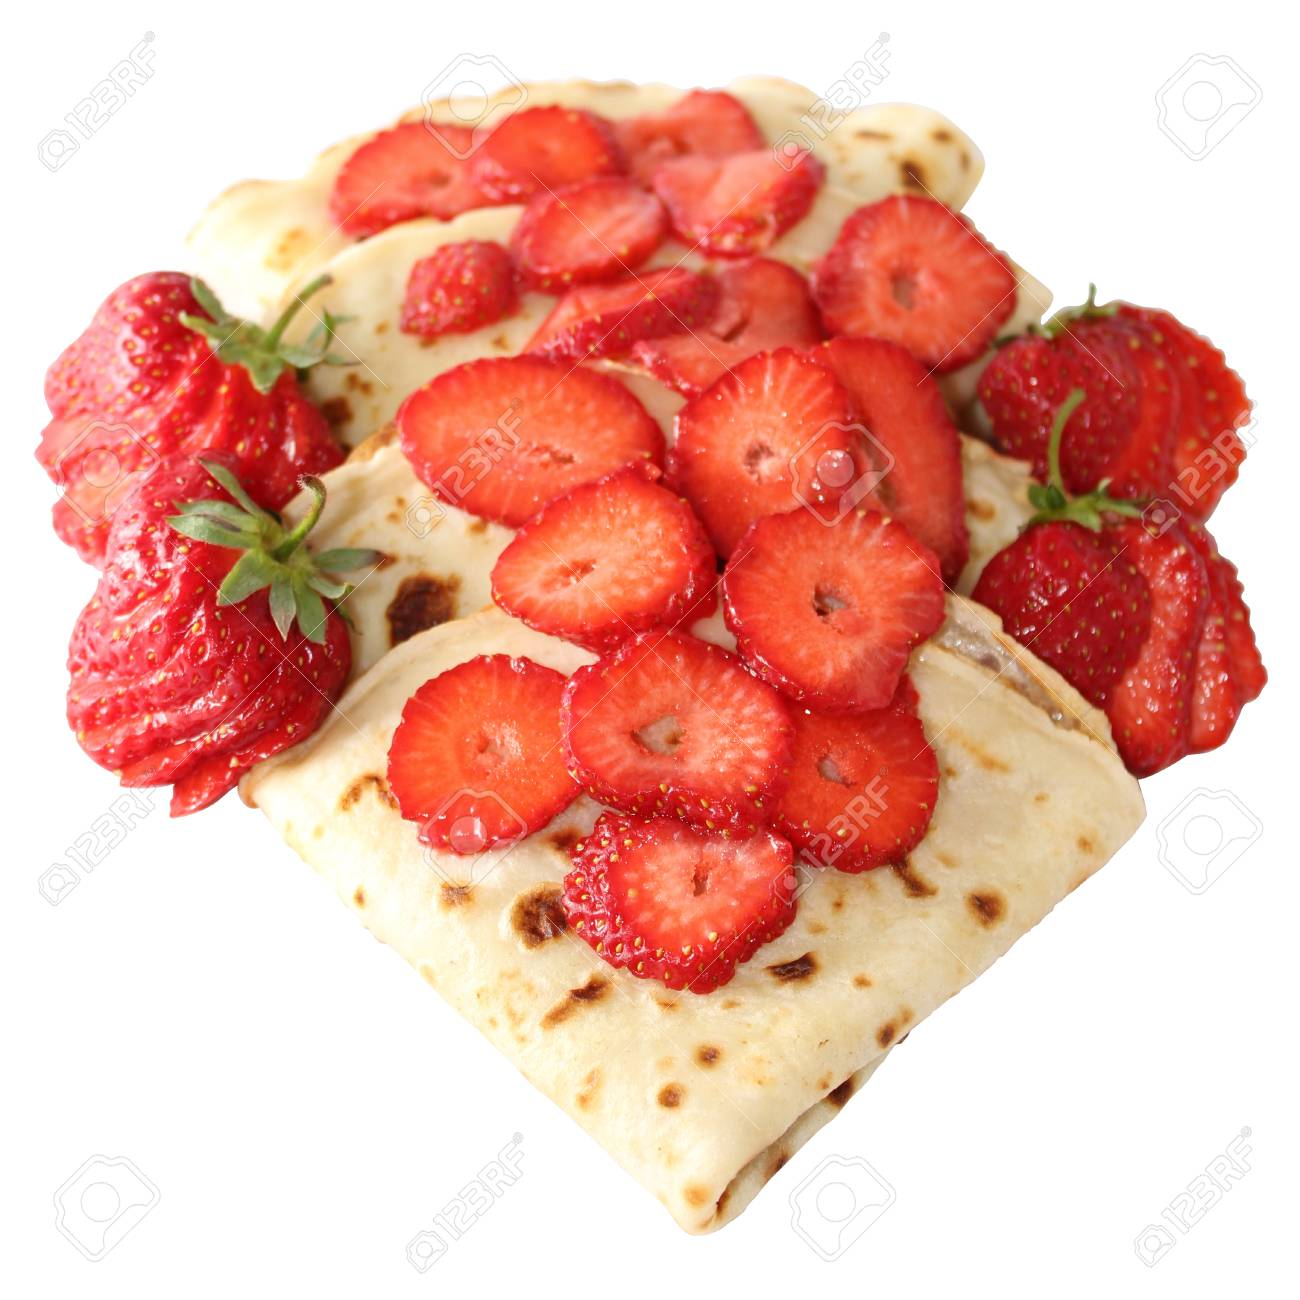 Ein Pfannkuchen Ist Ein Flacher Kuchen Oft Dunn Und Rund Aus Einem